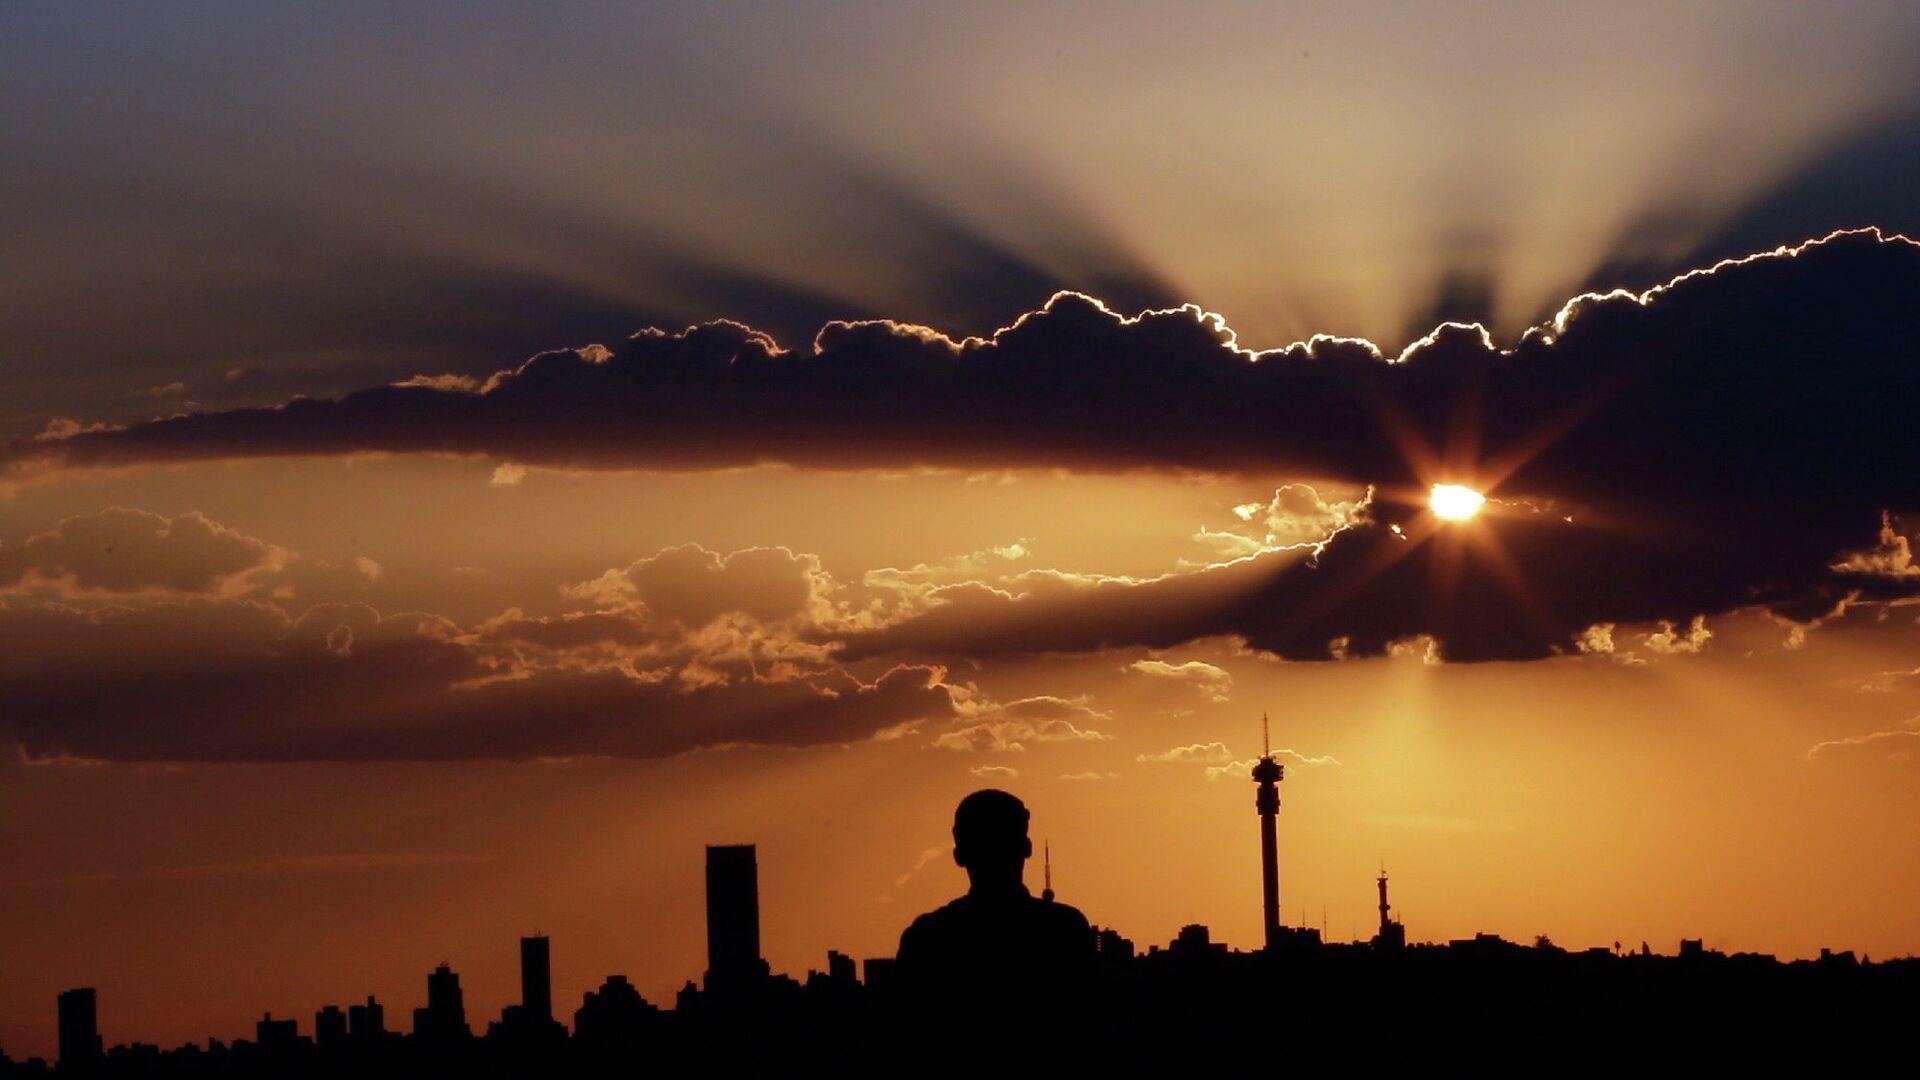 Закат солнца в Йоханнесбурге, ЮАР - РИА Новости, 1920, 19.09.2021